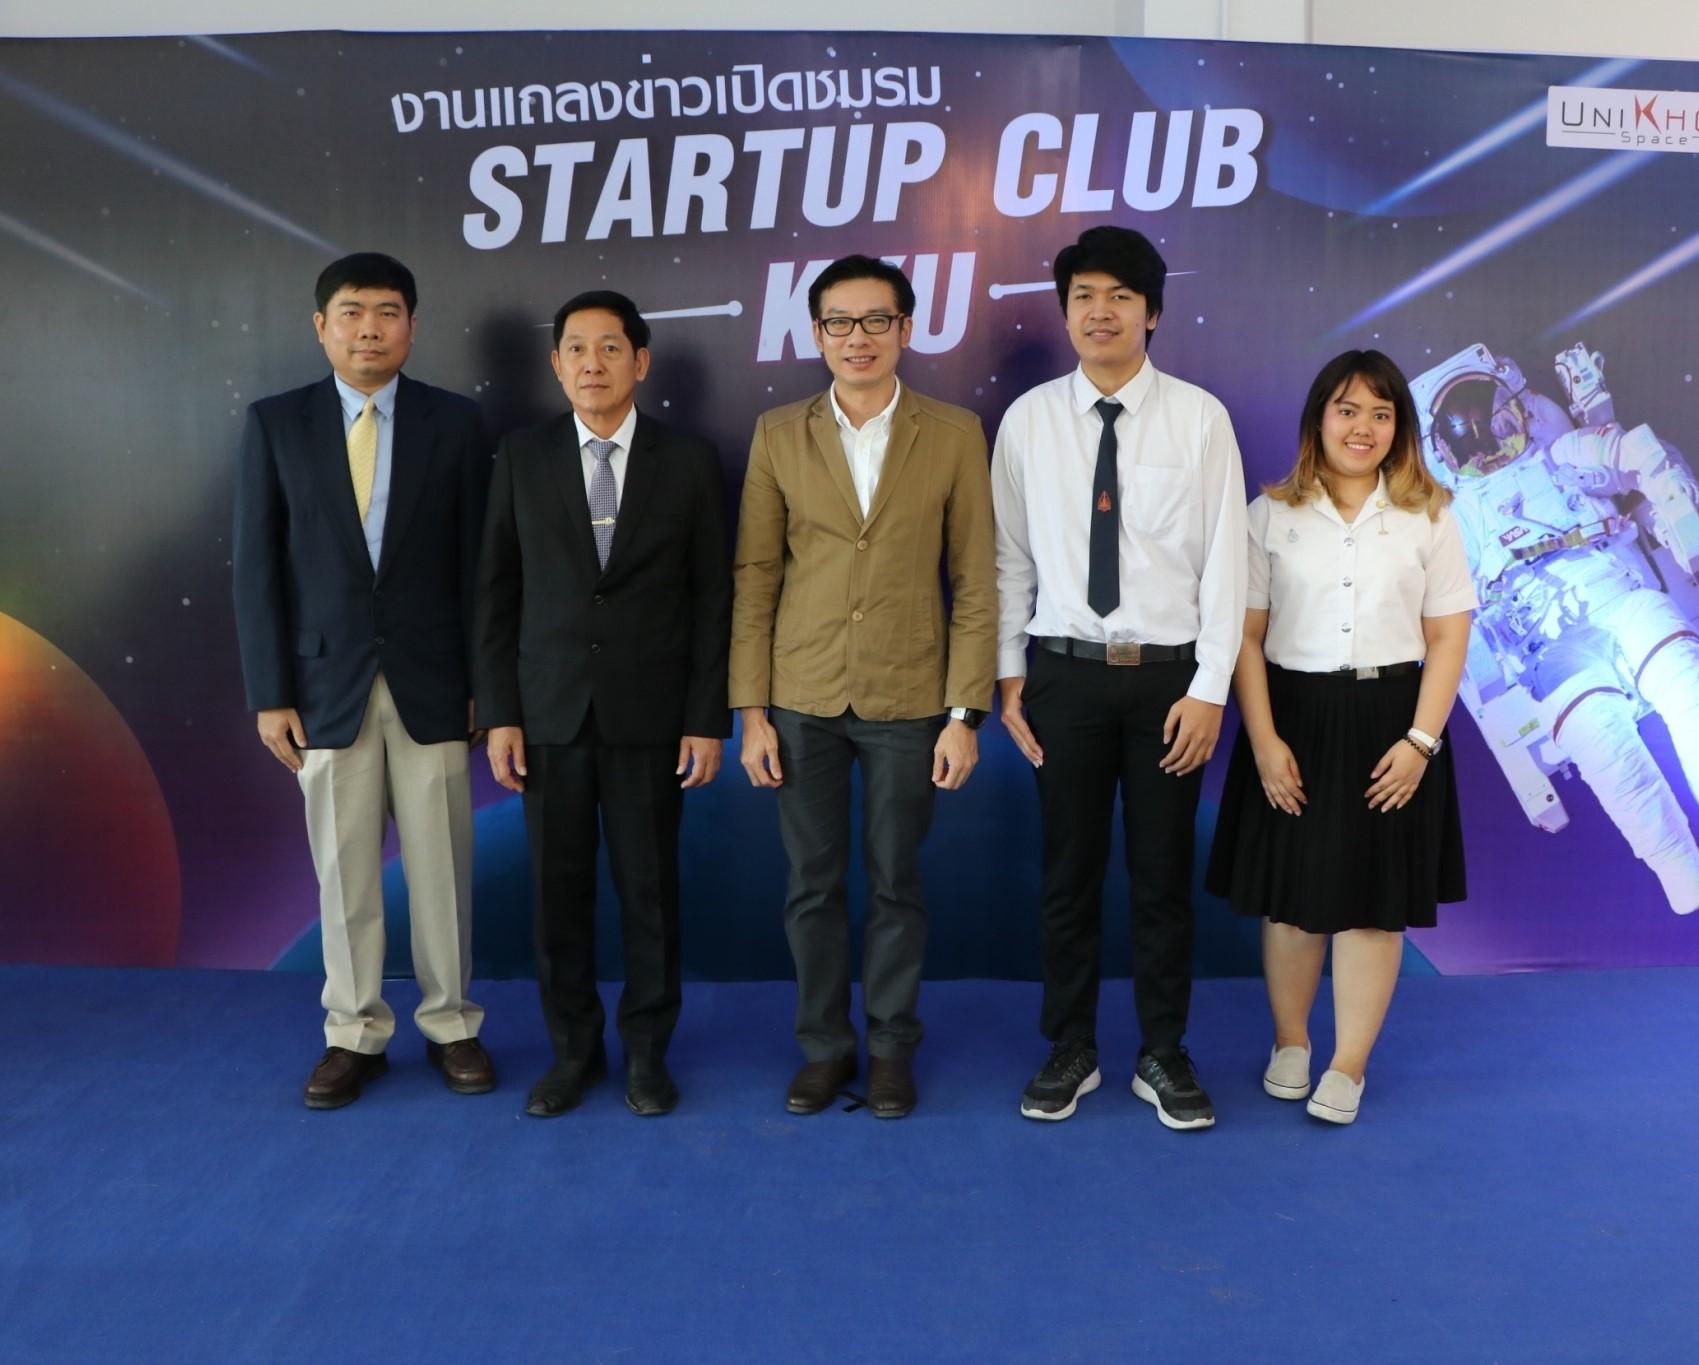 เปิดตัวอย่างเป็นทางการแล้วสำหรับชมรม Startup Club KKU